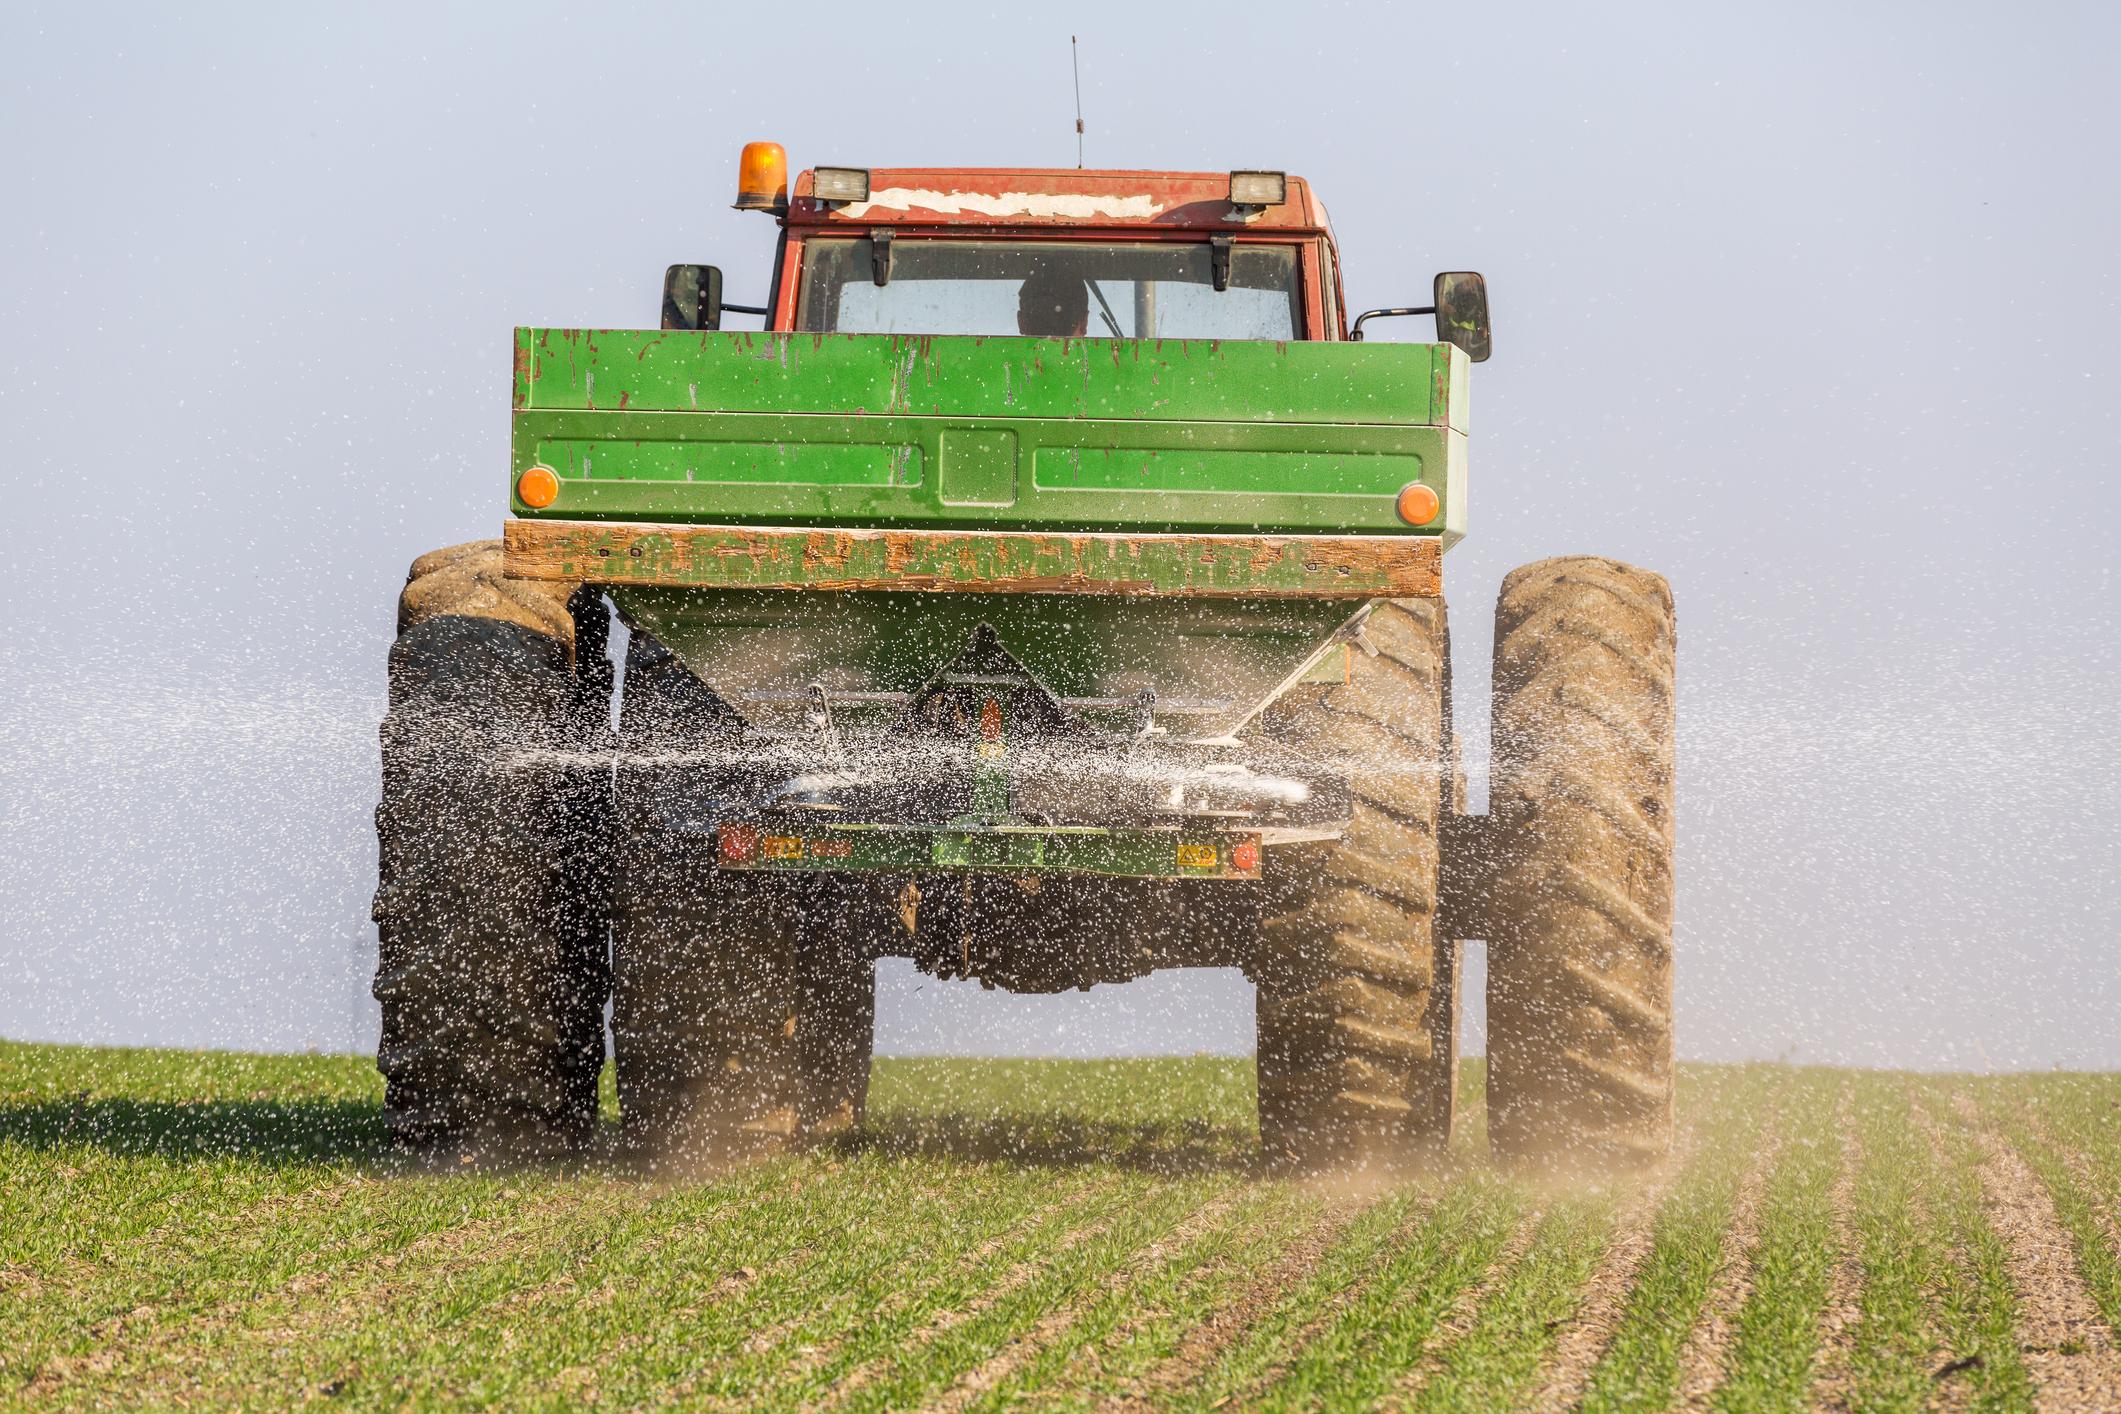 A combine applying fertilizer on a field.